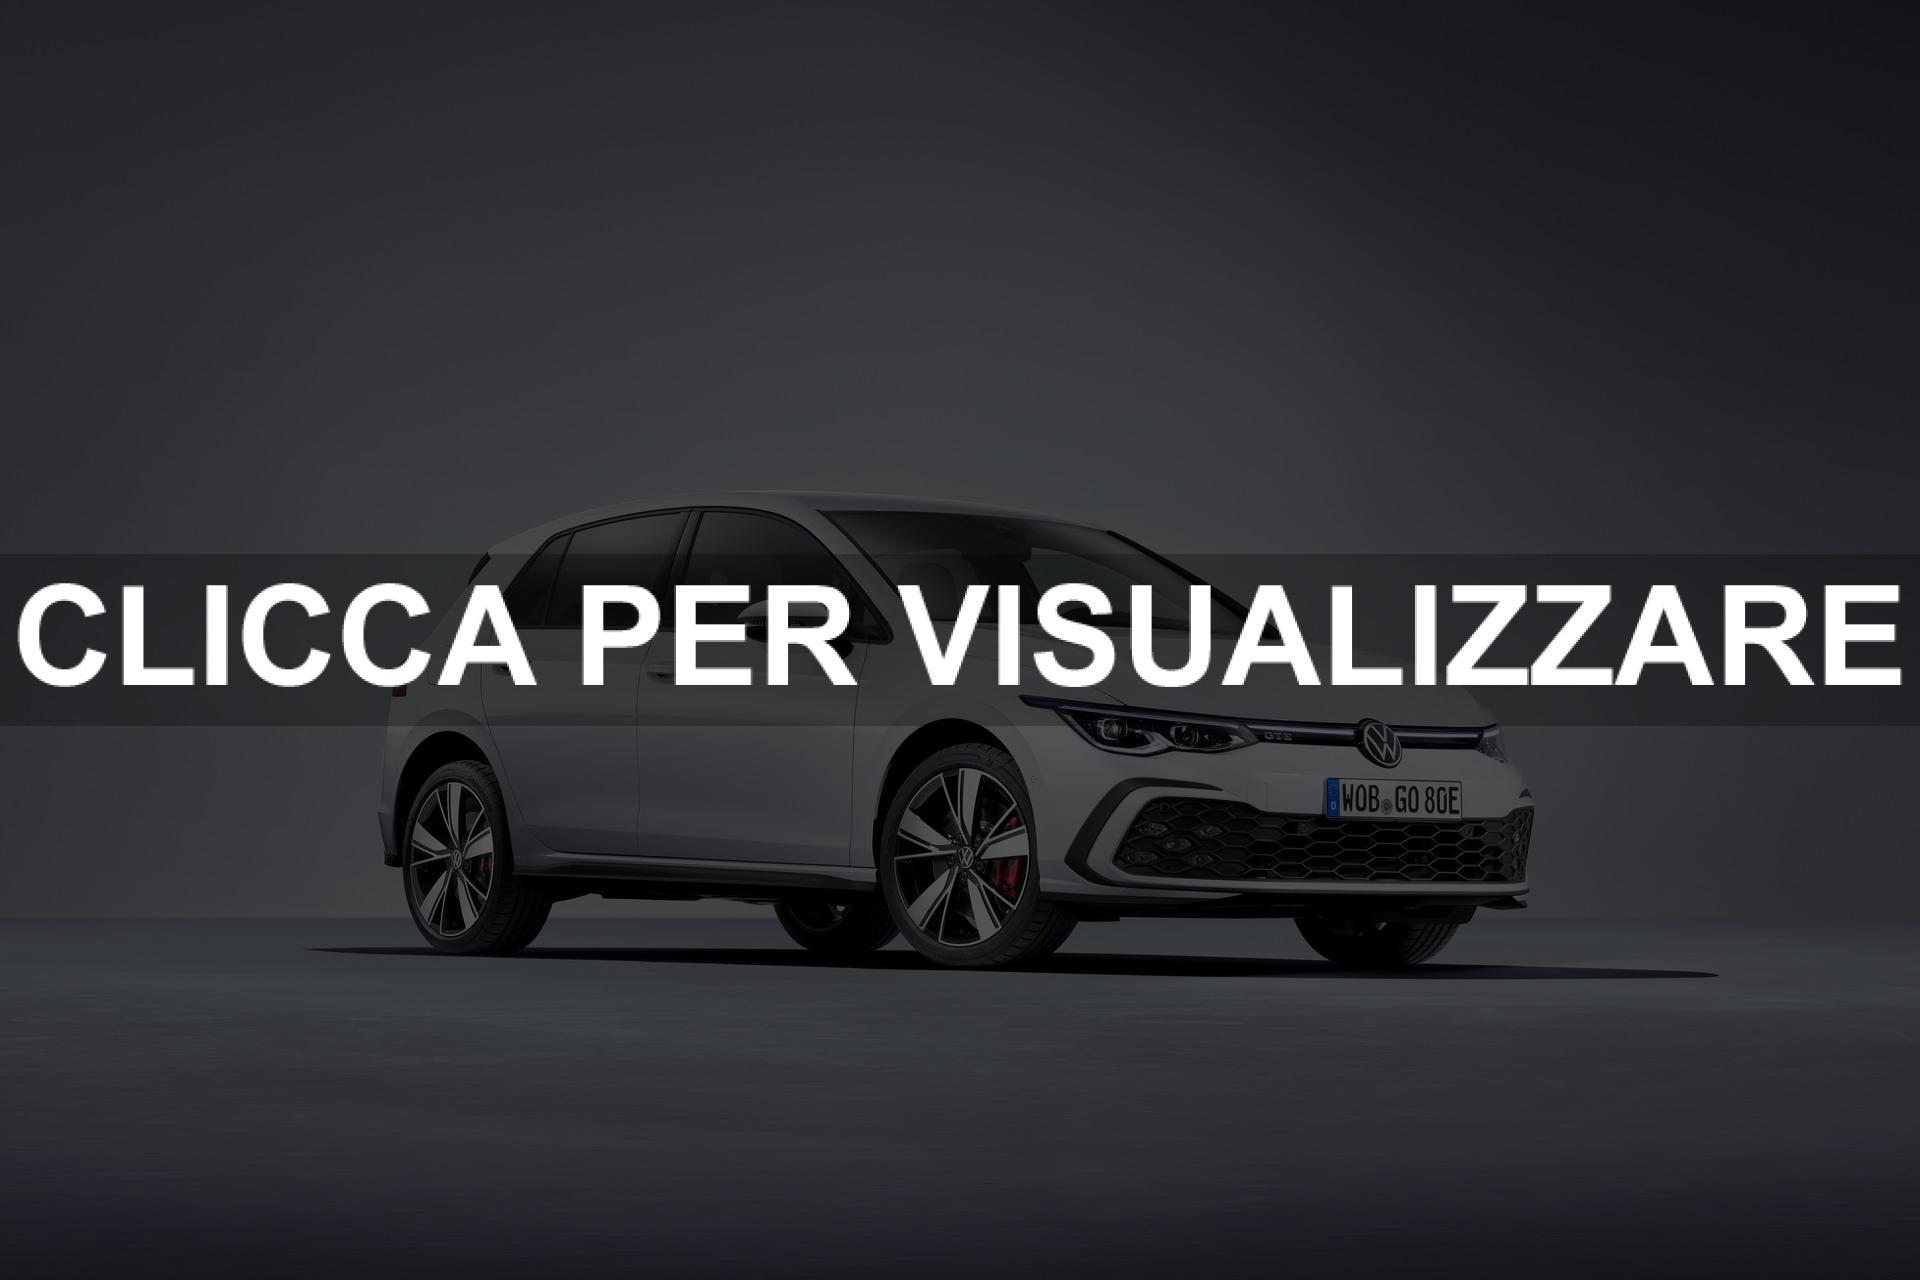 Nuova Volkswagen Golf 8 GTE Ibrida